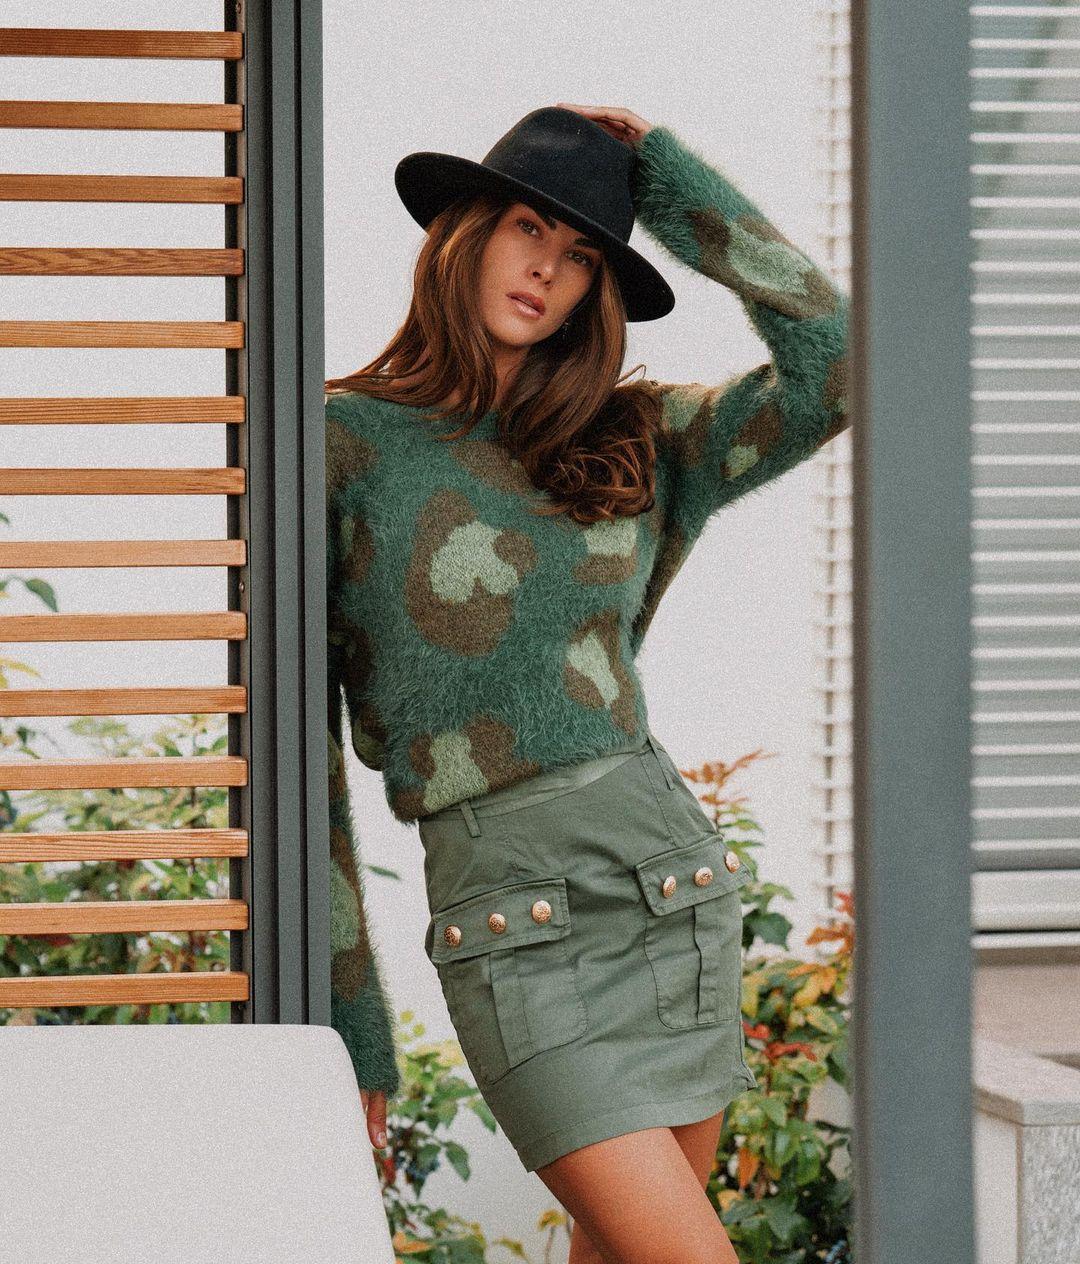 Francesca-Sofia-Novello-Wallpapers-Insta-Fit-Bio-5